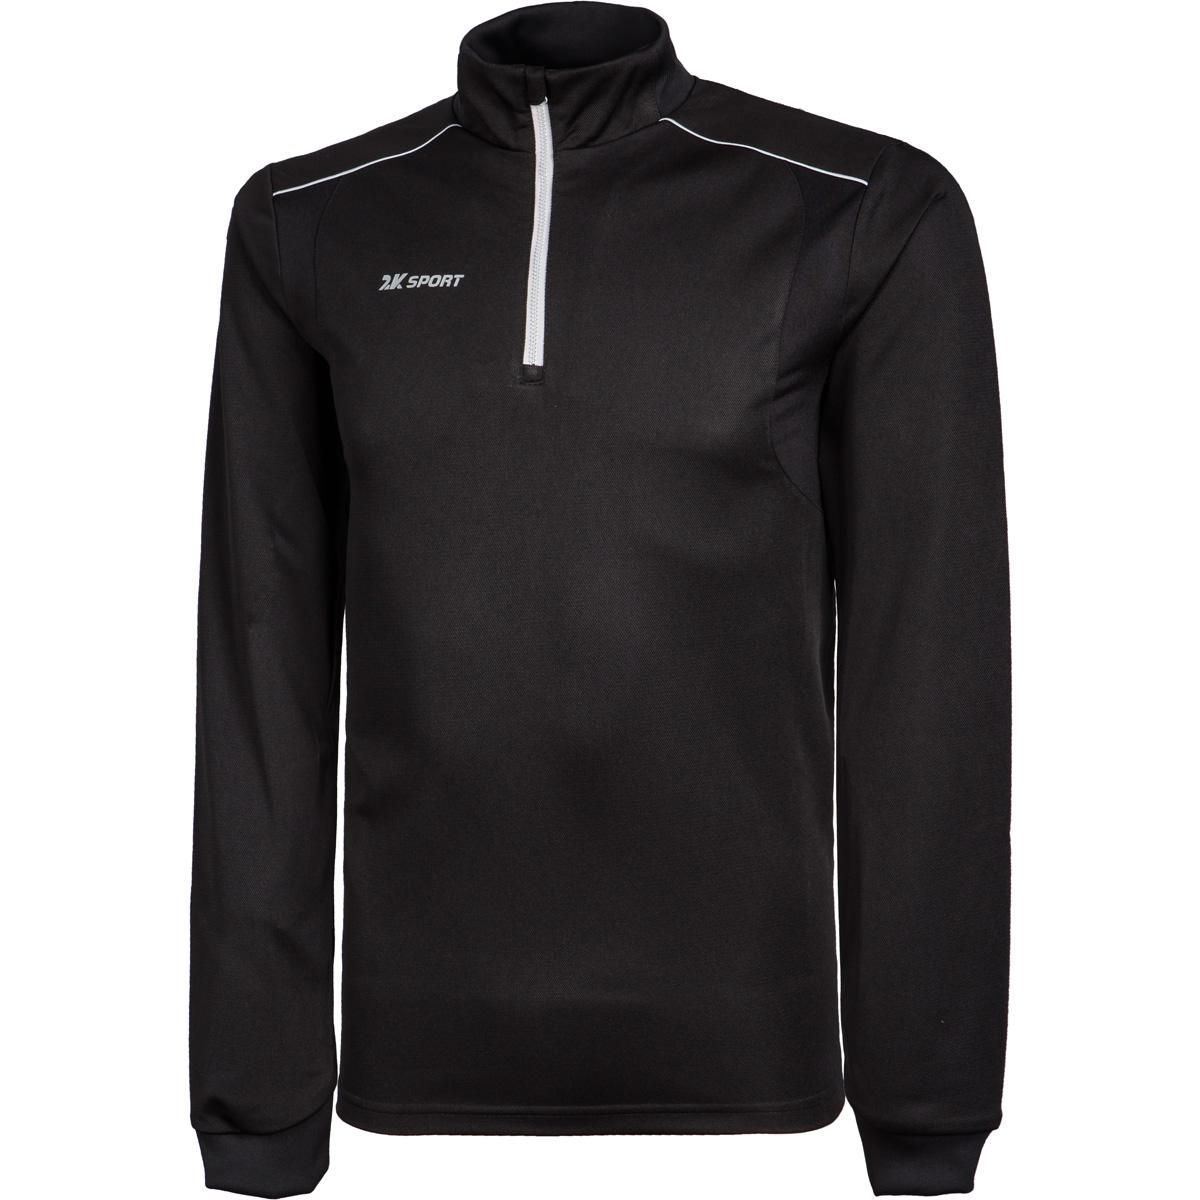 Тренировочный джемпер мужской 2K Sport Performance, цвет: черный. 121130. Размер XXS (42)121130_blackБазовый тренировочный джемпер на короткой молнии. Прилегающий силуэт. Фигурные эластичные вставки для максимальной свободы движений.